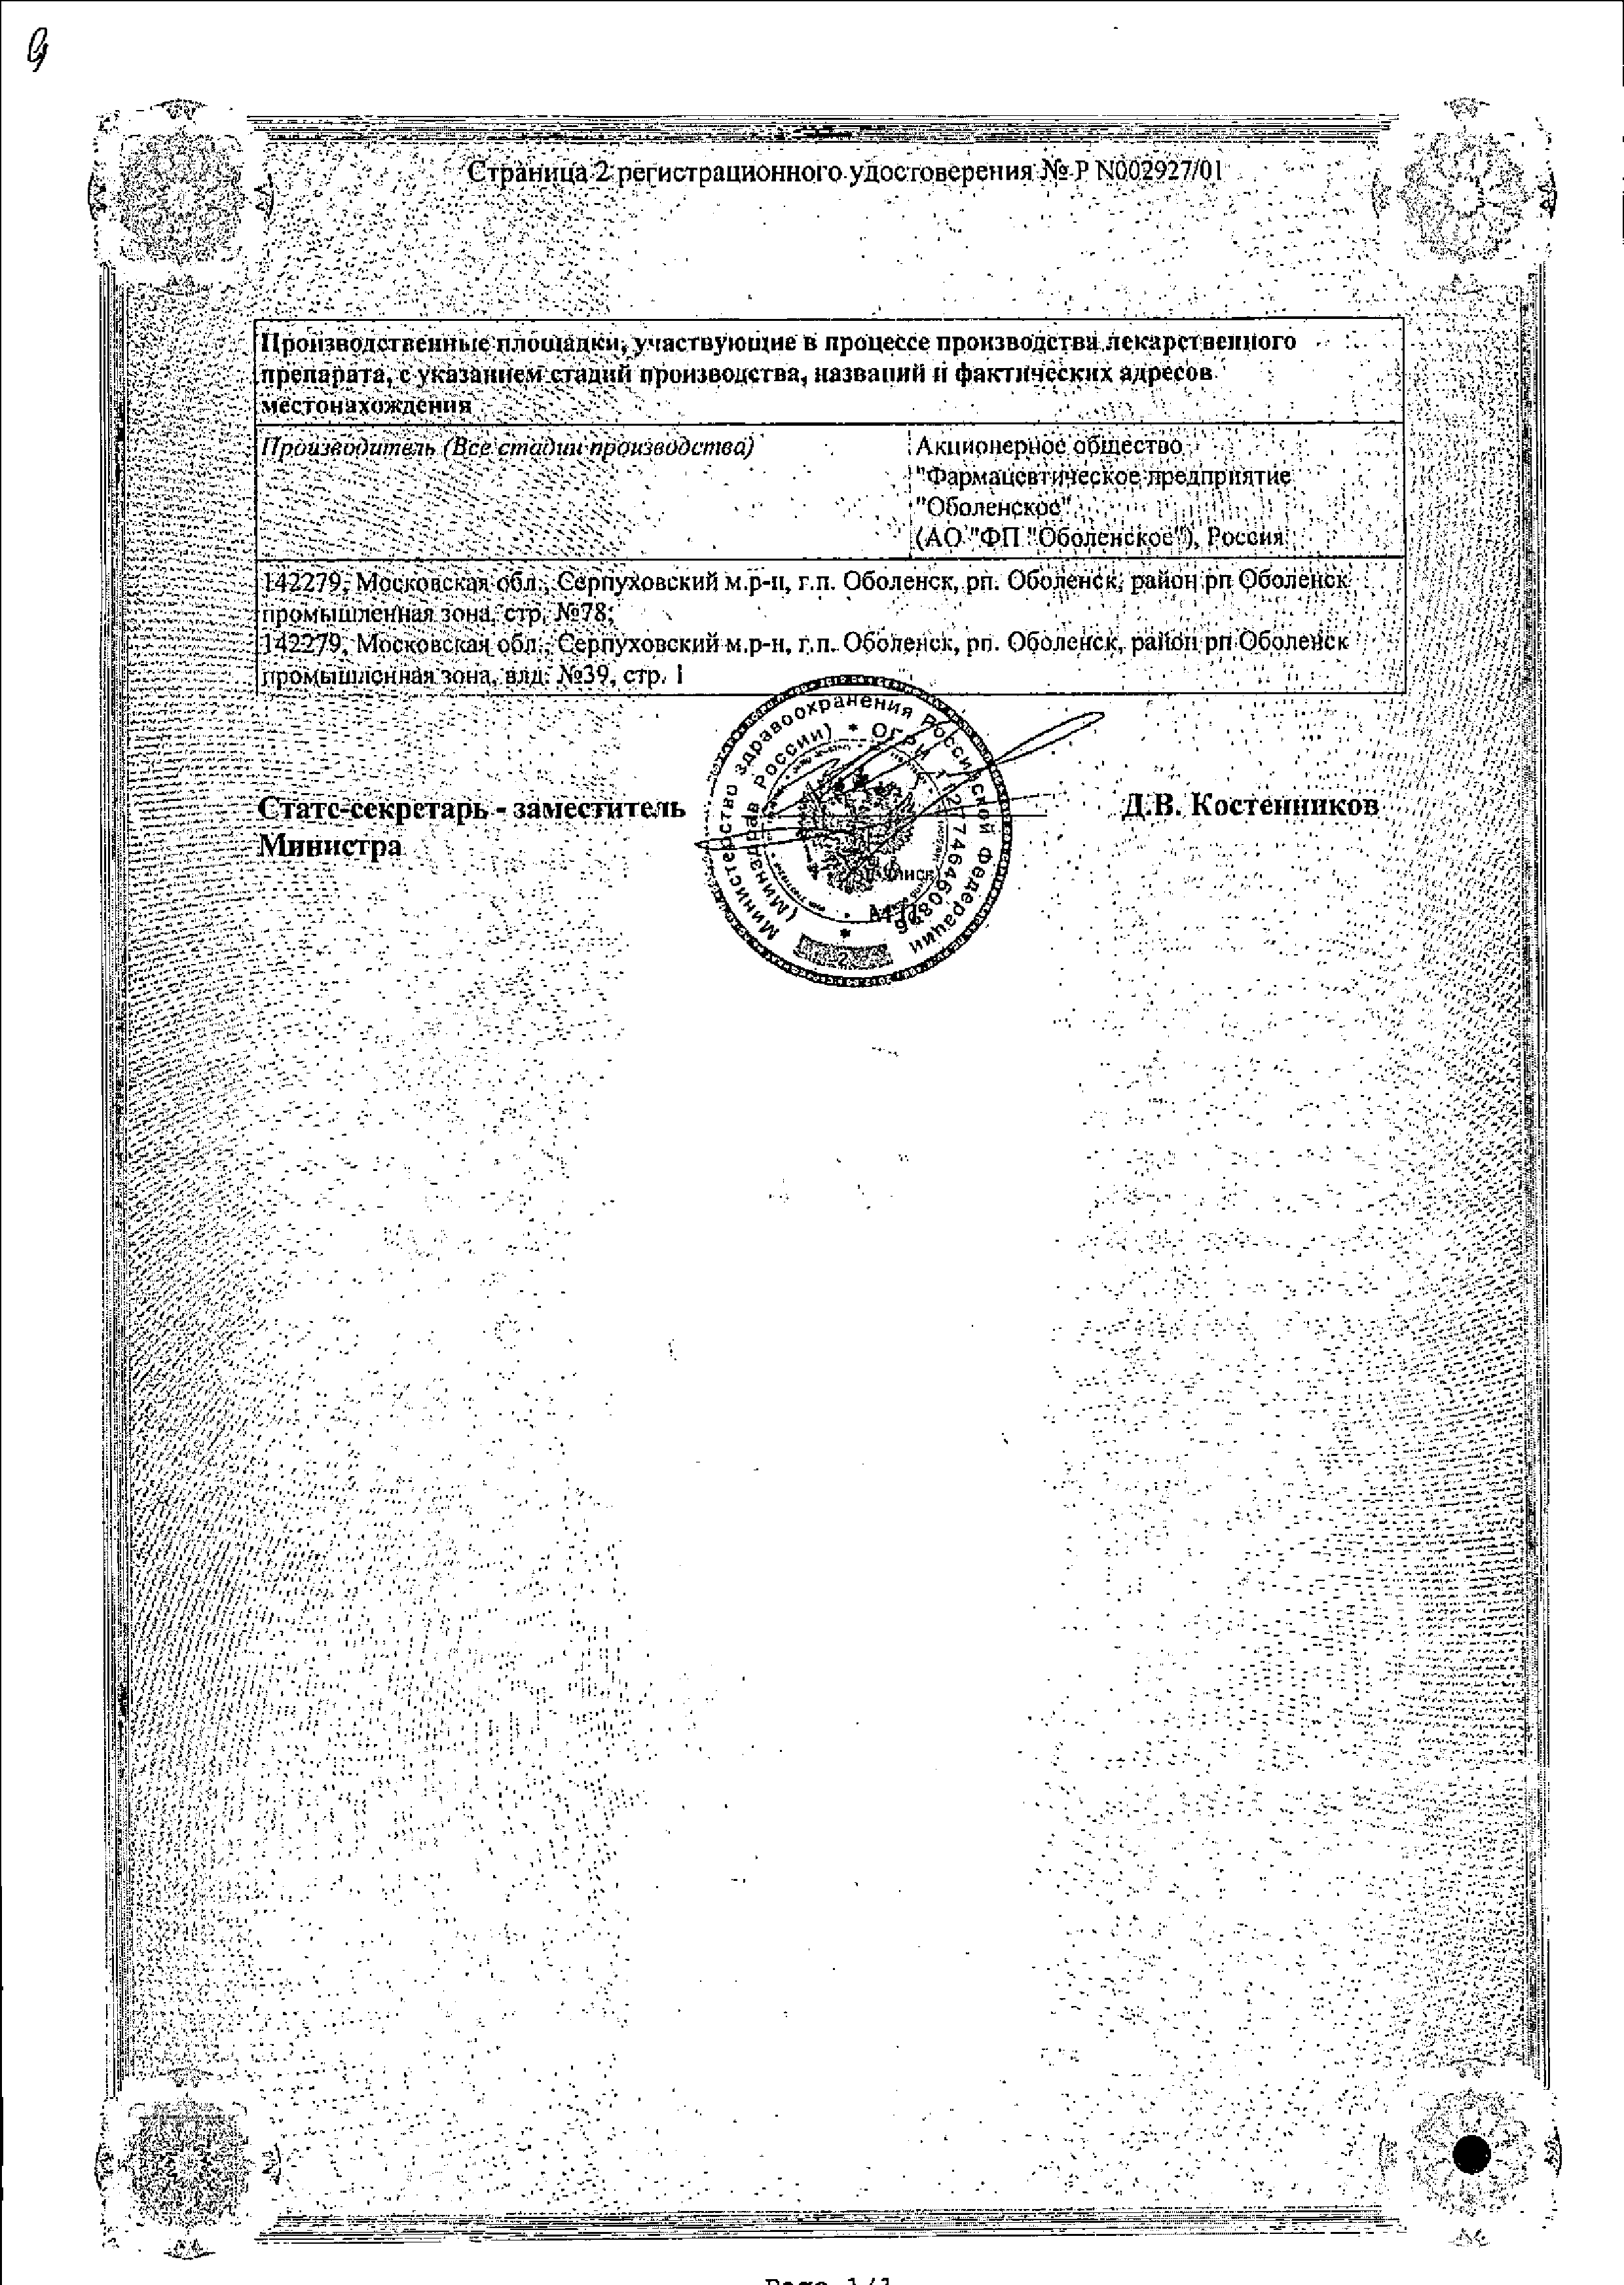 Левомицетин Актитаб сертификат